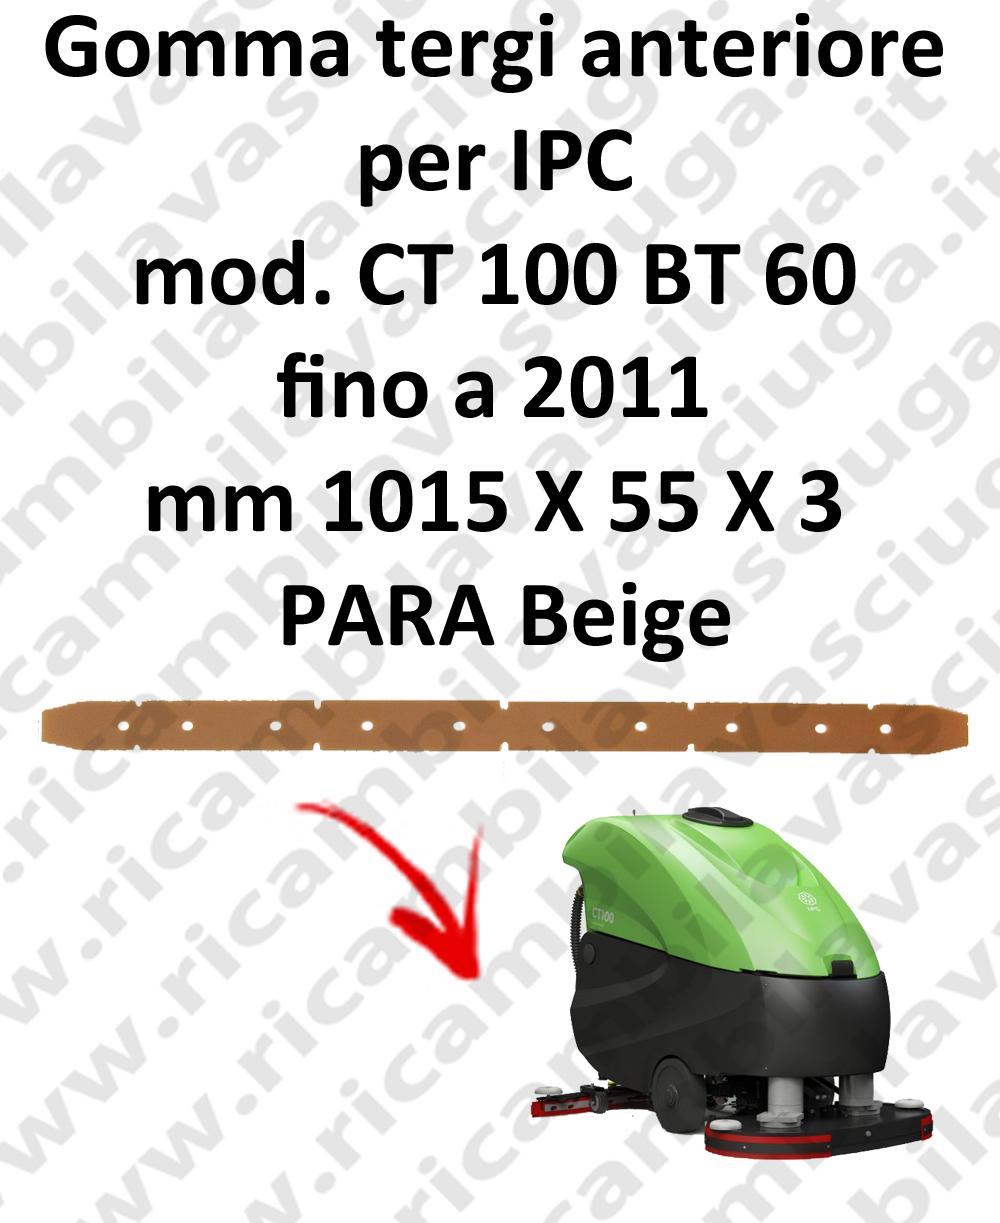 CT 100 BT 60 jusqu'en 2011 BAVETTE AVANT pour IPC